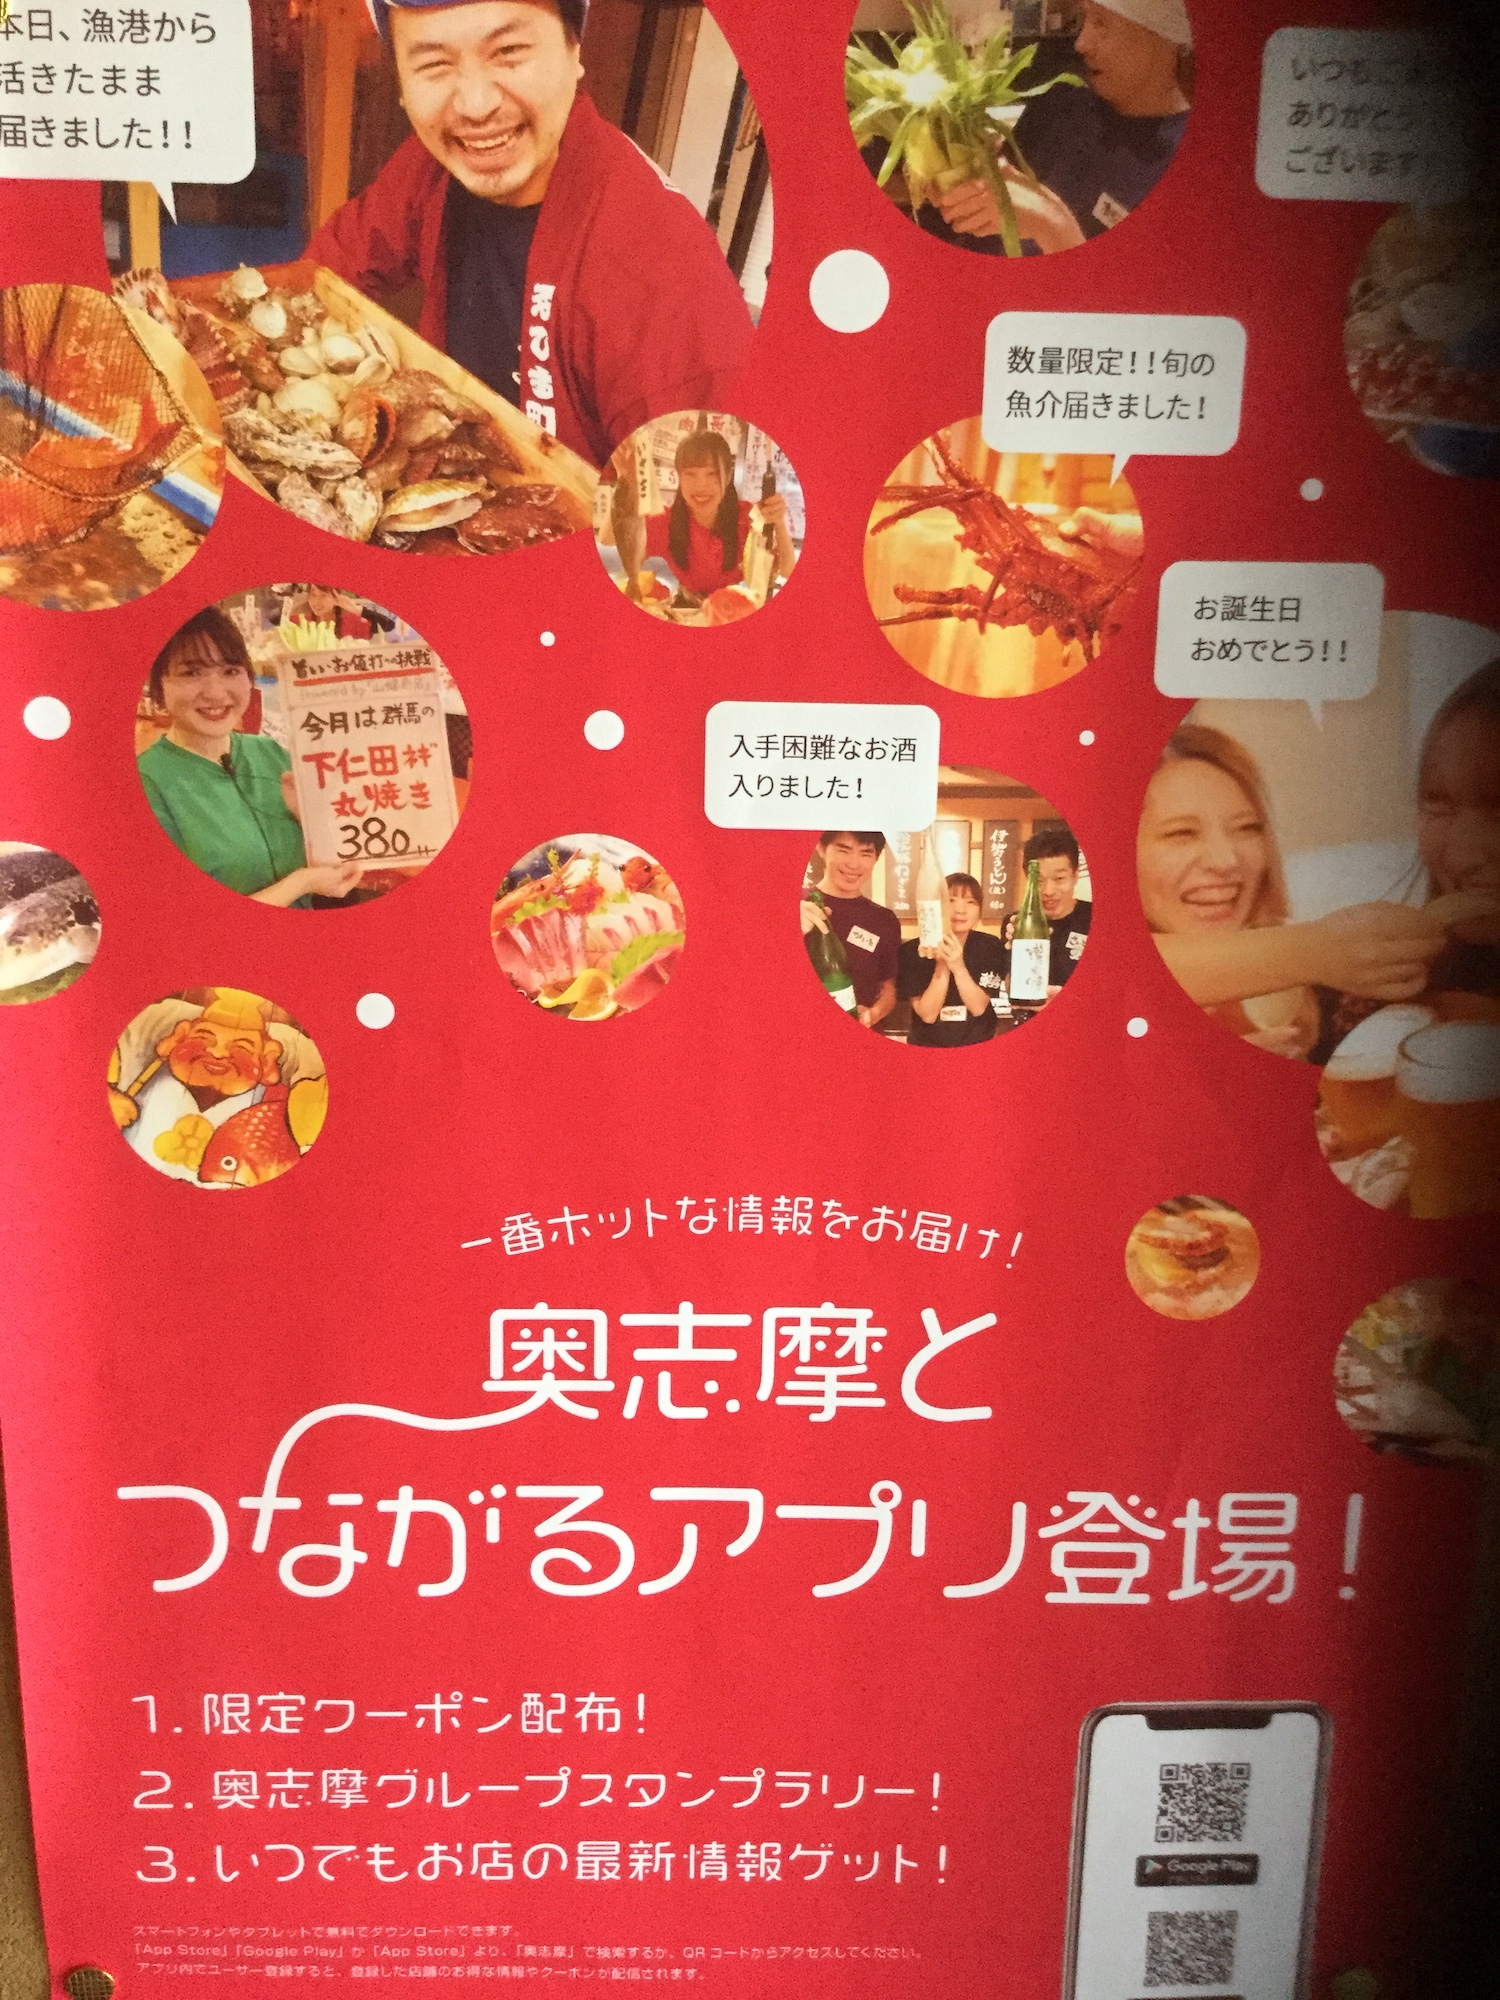 奥志摩アプリ広告